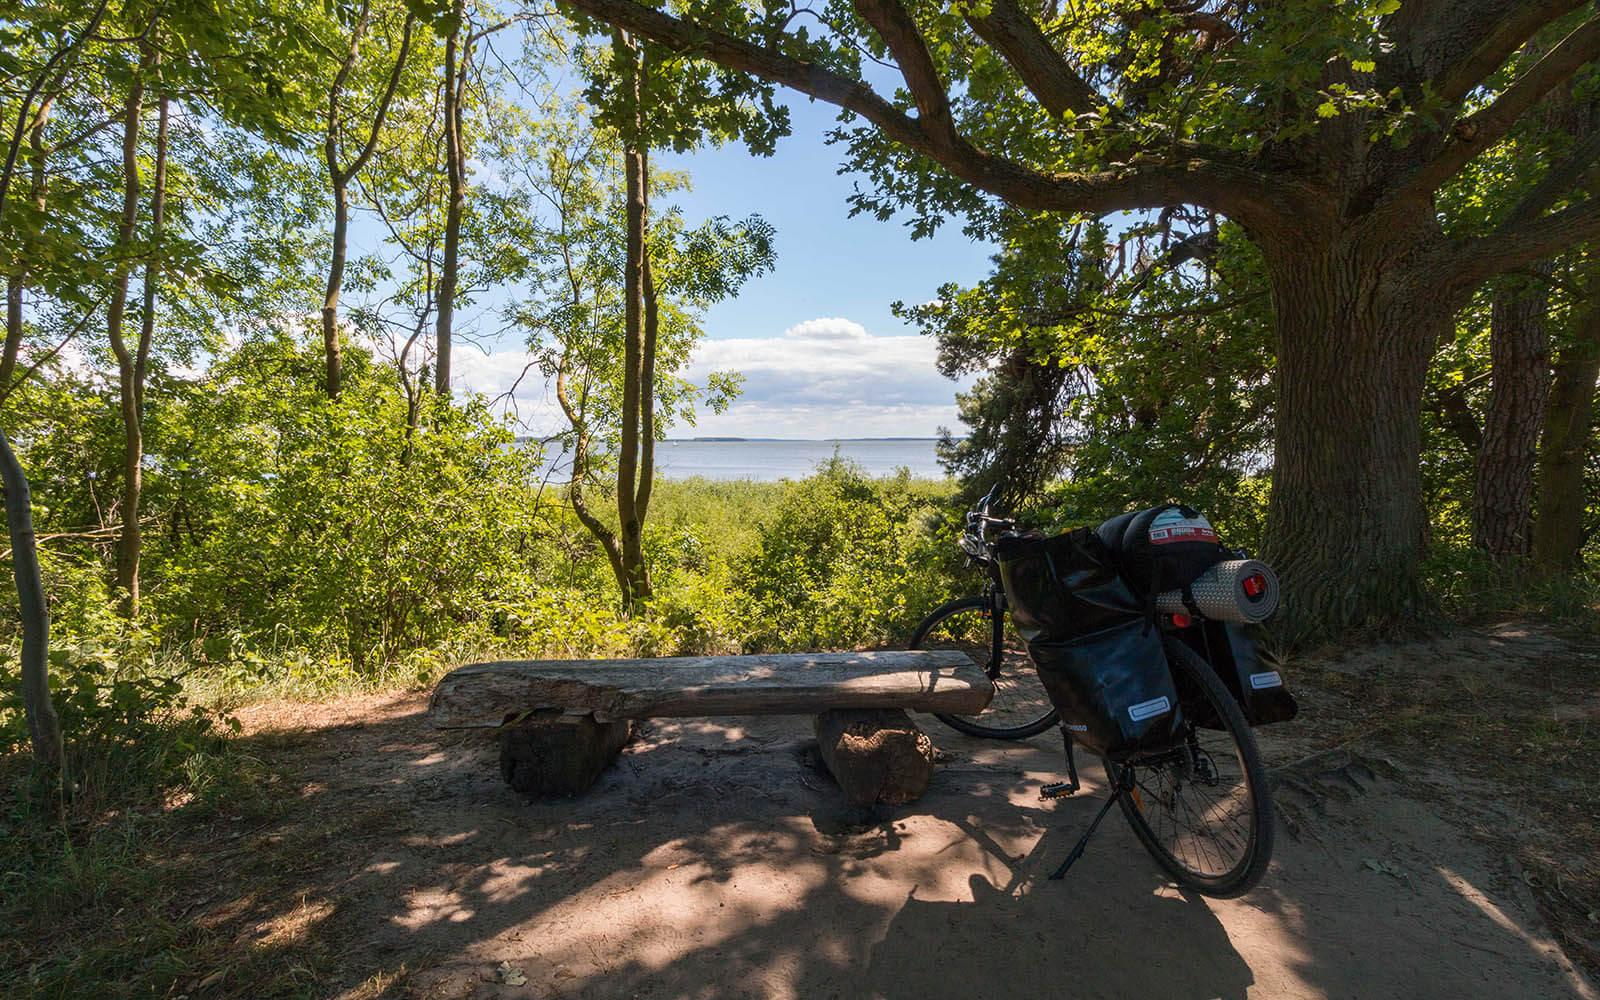 ławska wparku krajobrazowym nawyspie Uznam